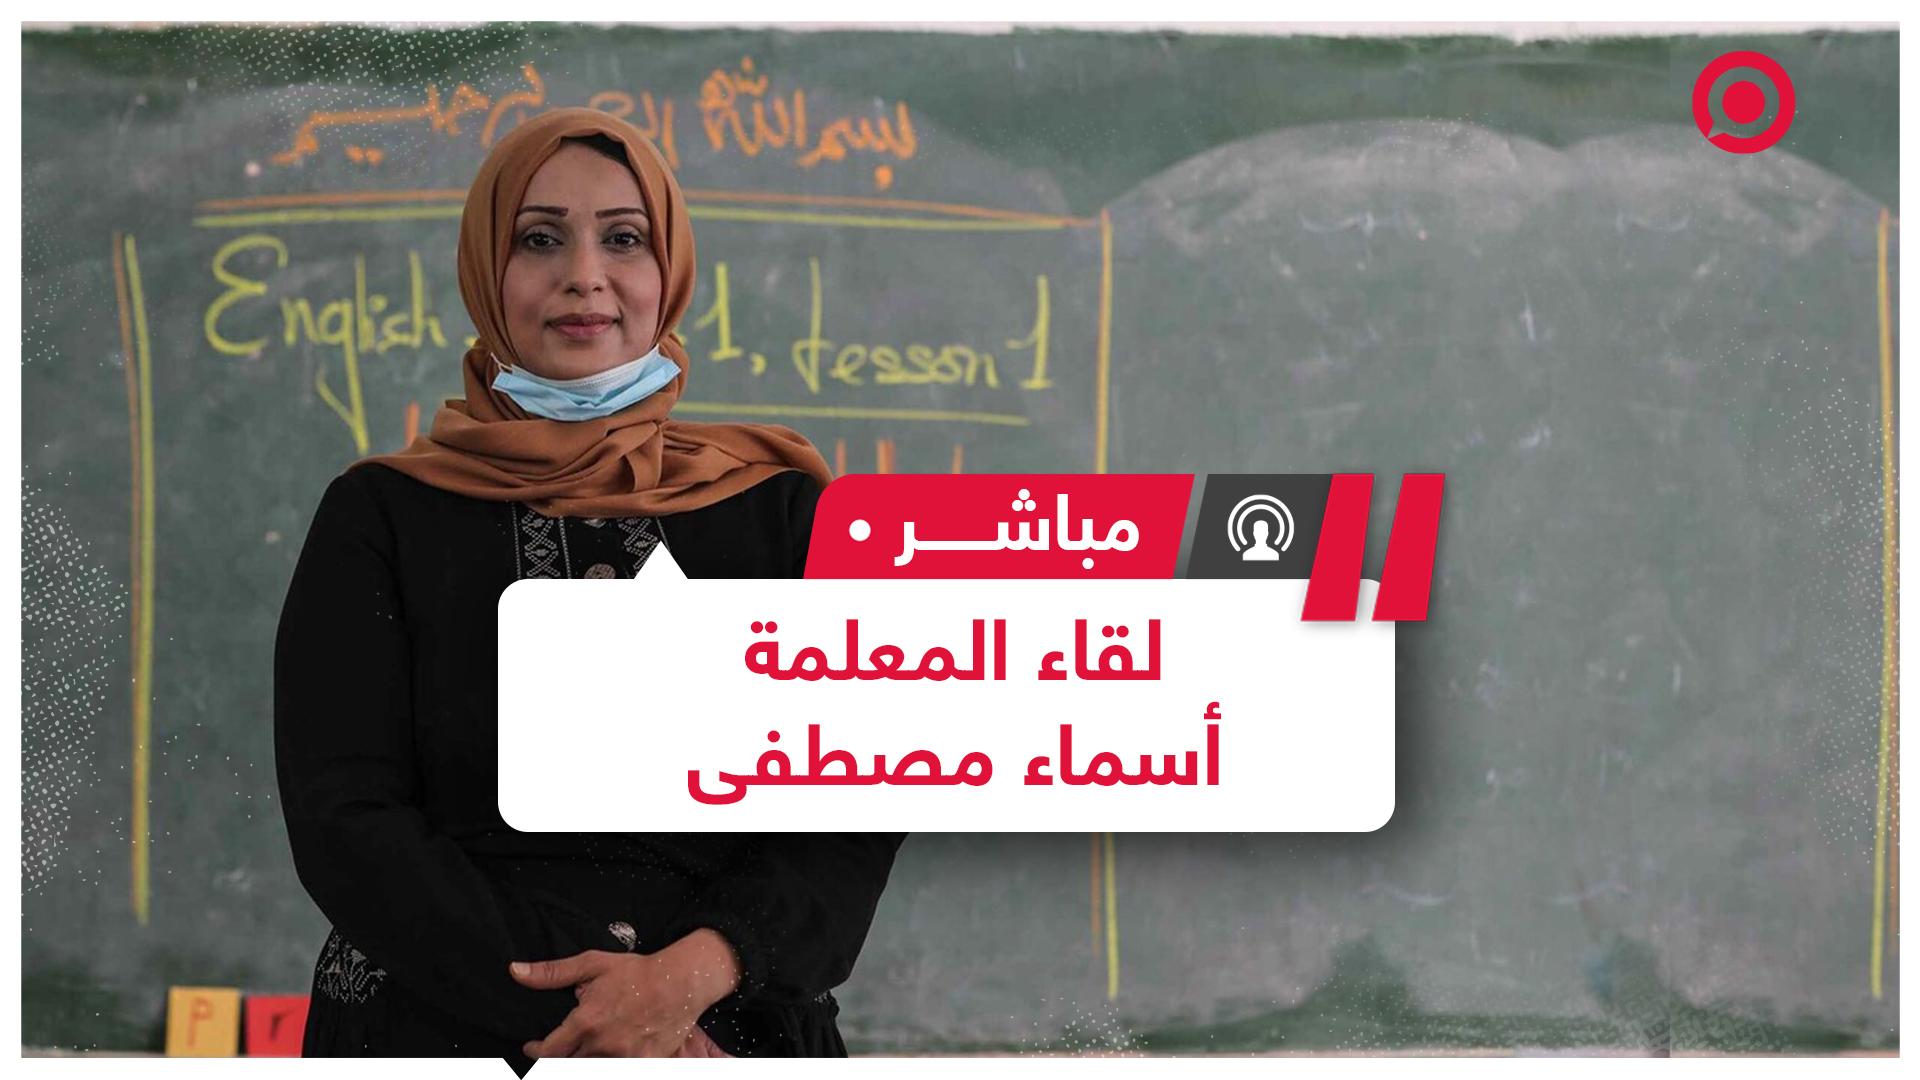 المعلمة الفلسطينية أسماء مصطفى تفوز بالجائزة الدولية